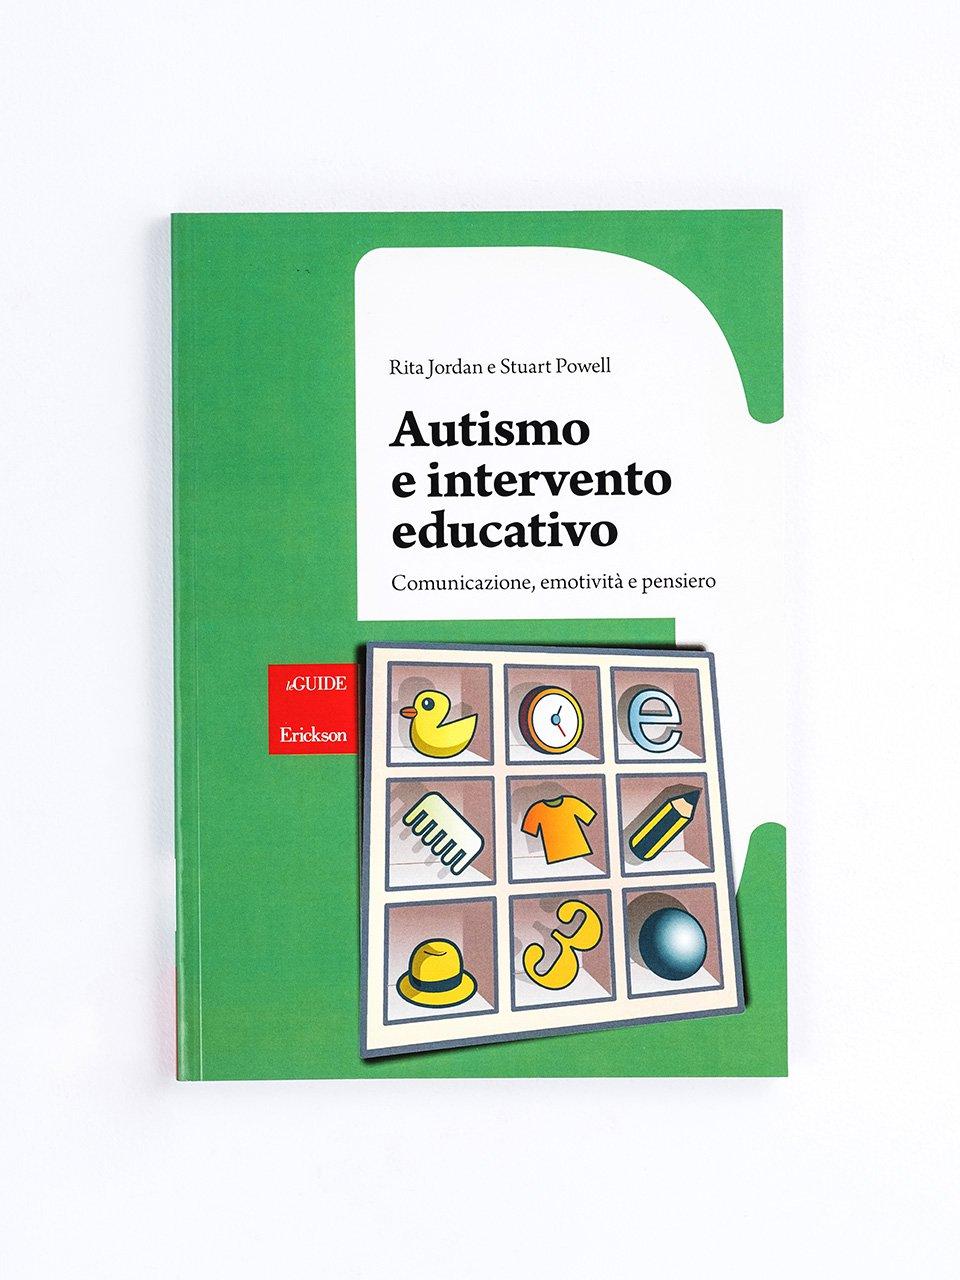 Autismo e intervento educativo - L'utilizzo di storie sociali nell'autismo - Erickson